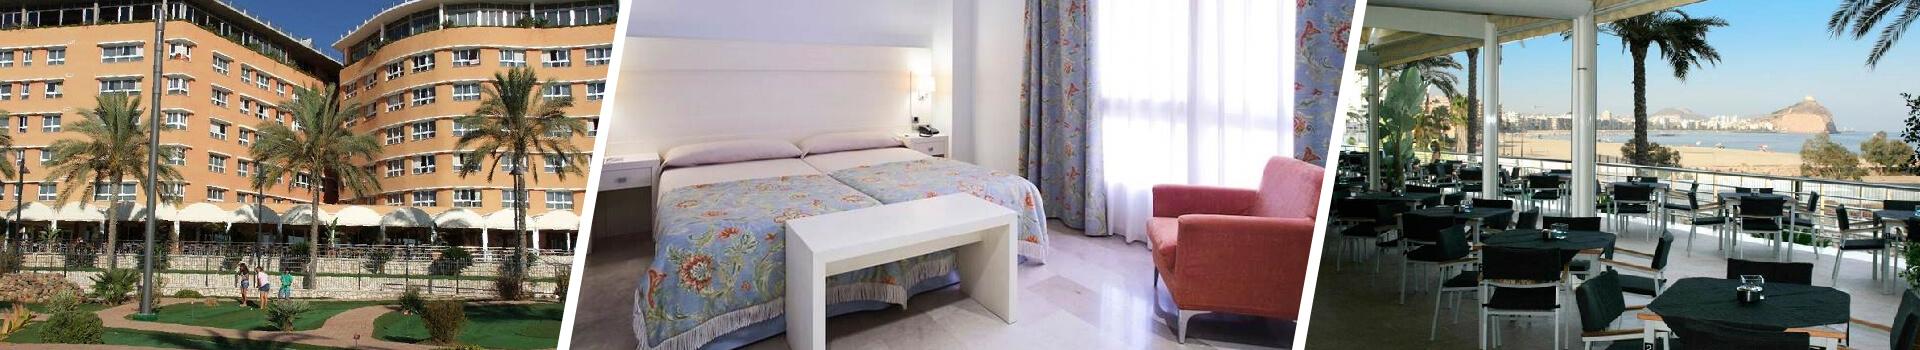 Hotel Juan Montiel